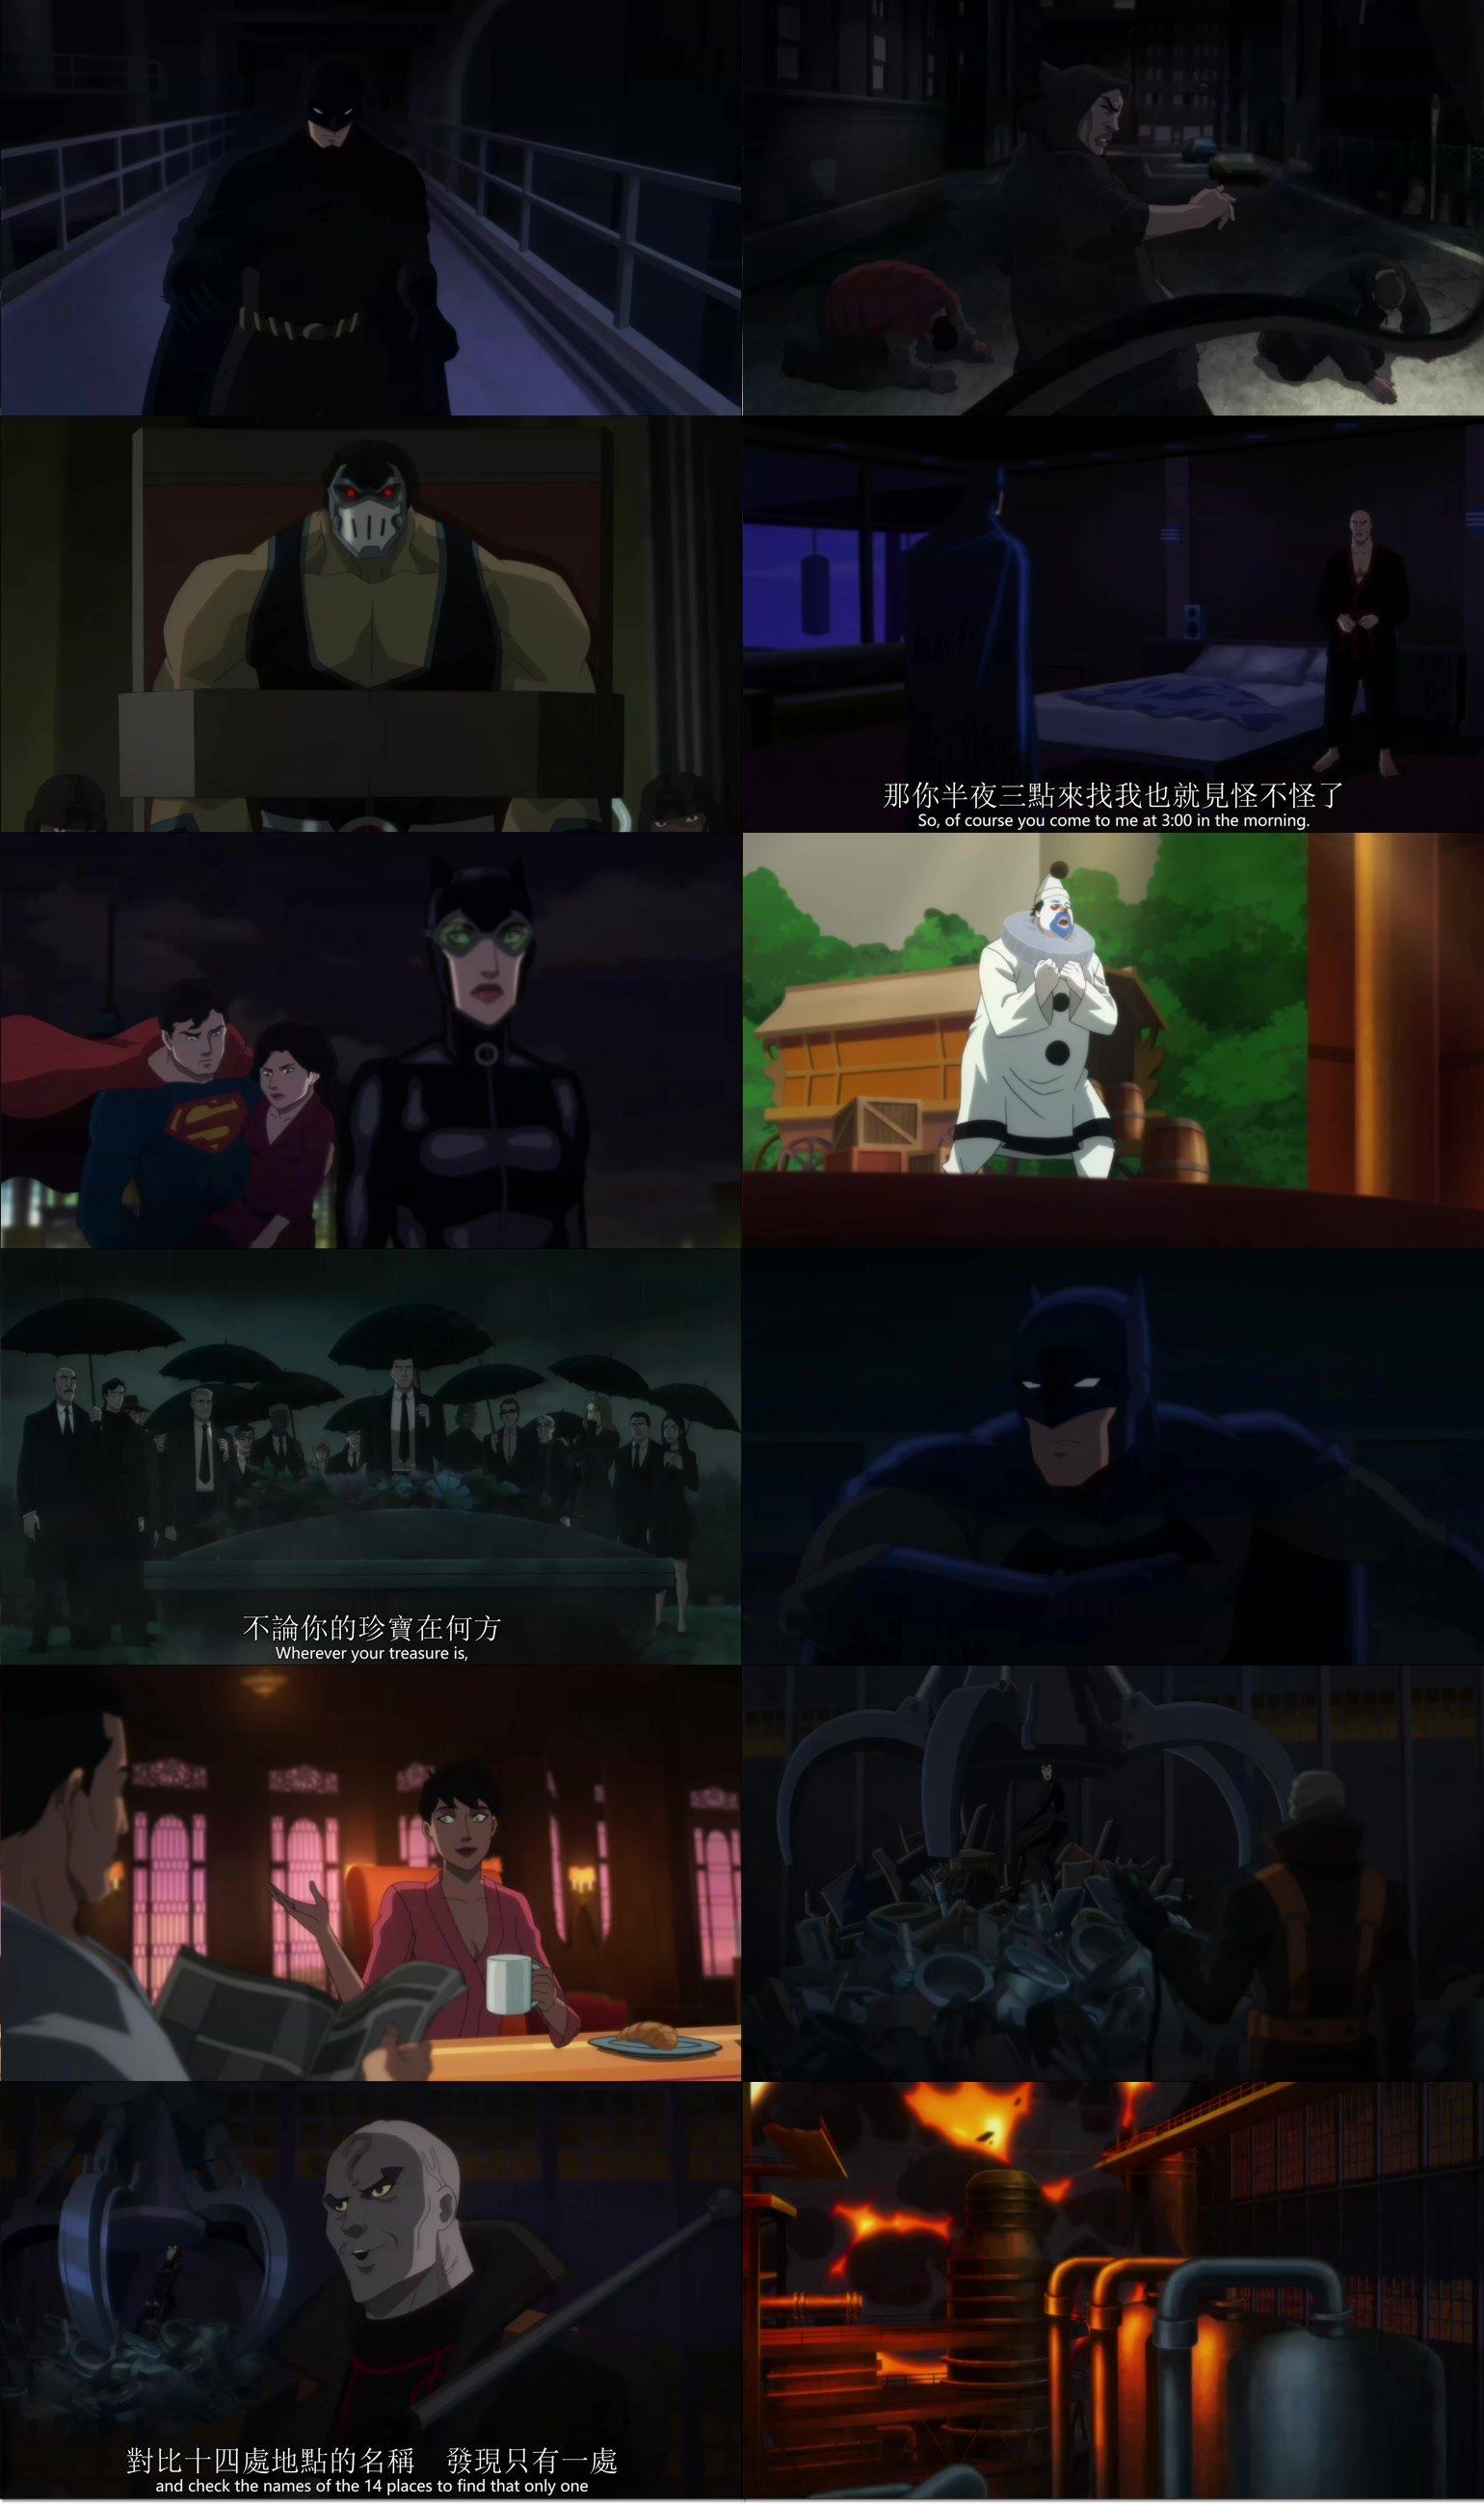 [美] 蝙蝠俠:緘默.2019.BluRay-720p/1080p[MKV@2.6G@多空@繁簡英]